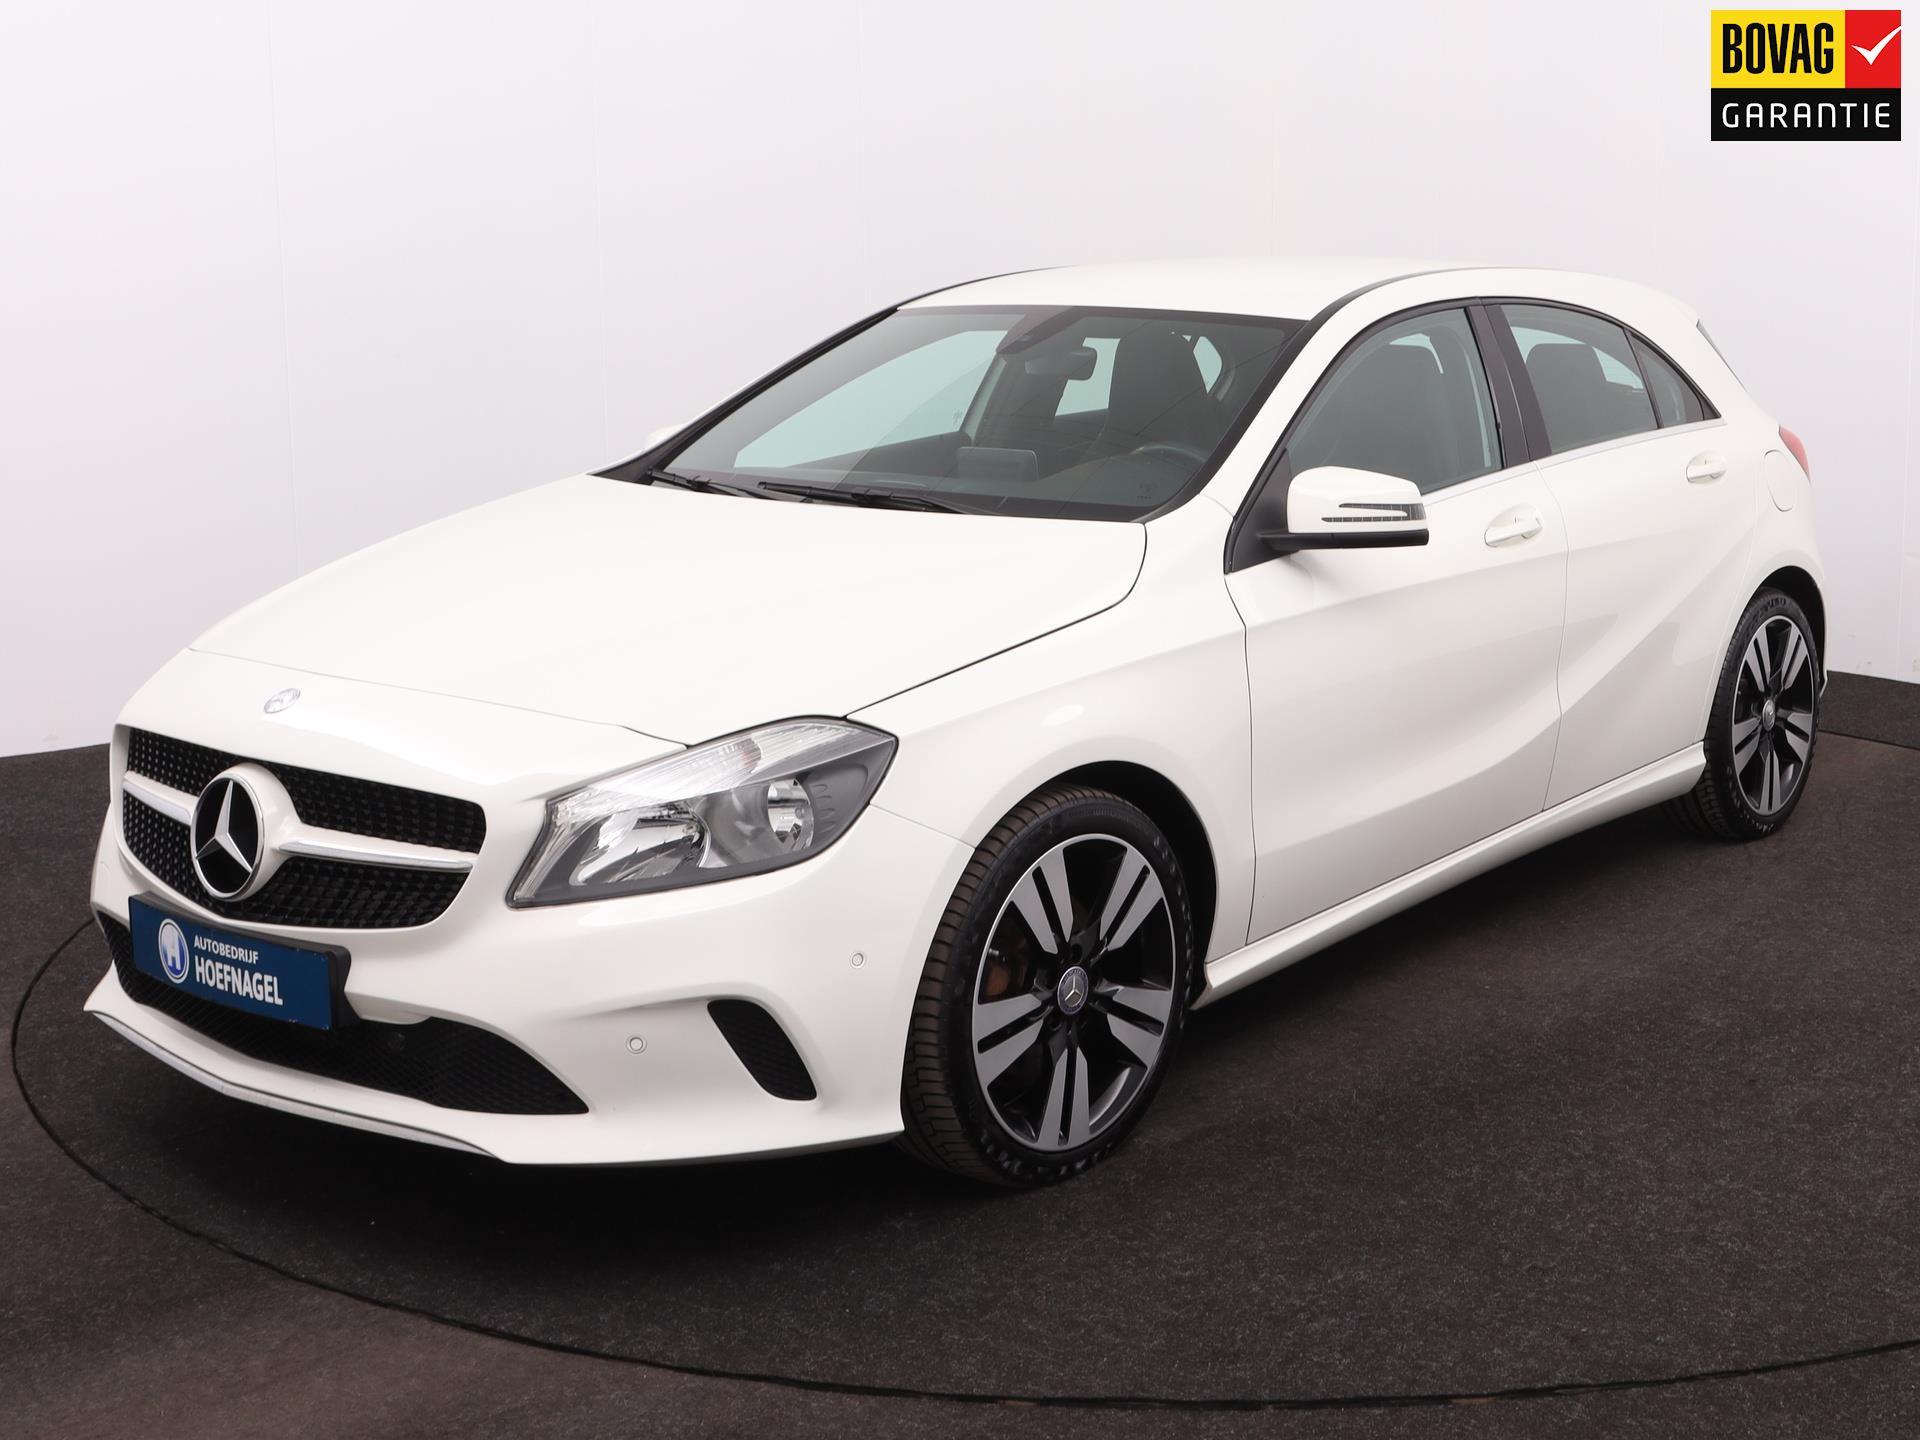 Mercedes-Benz A-klasse occasion - Autobedrijf Hoefnagel Oosterhout B.V.